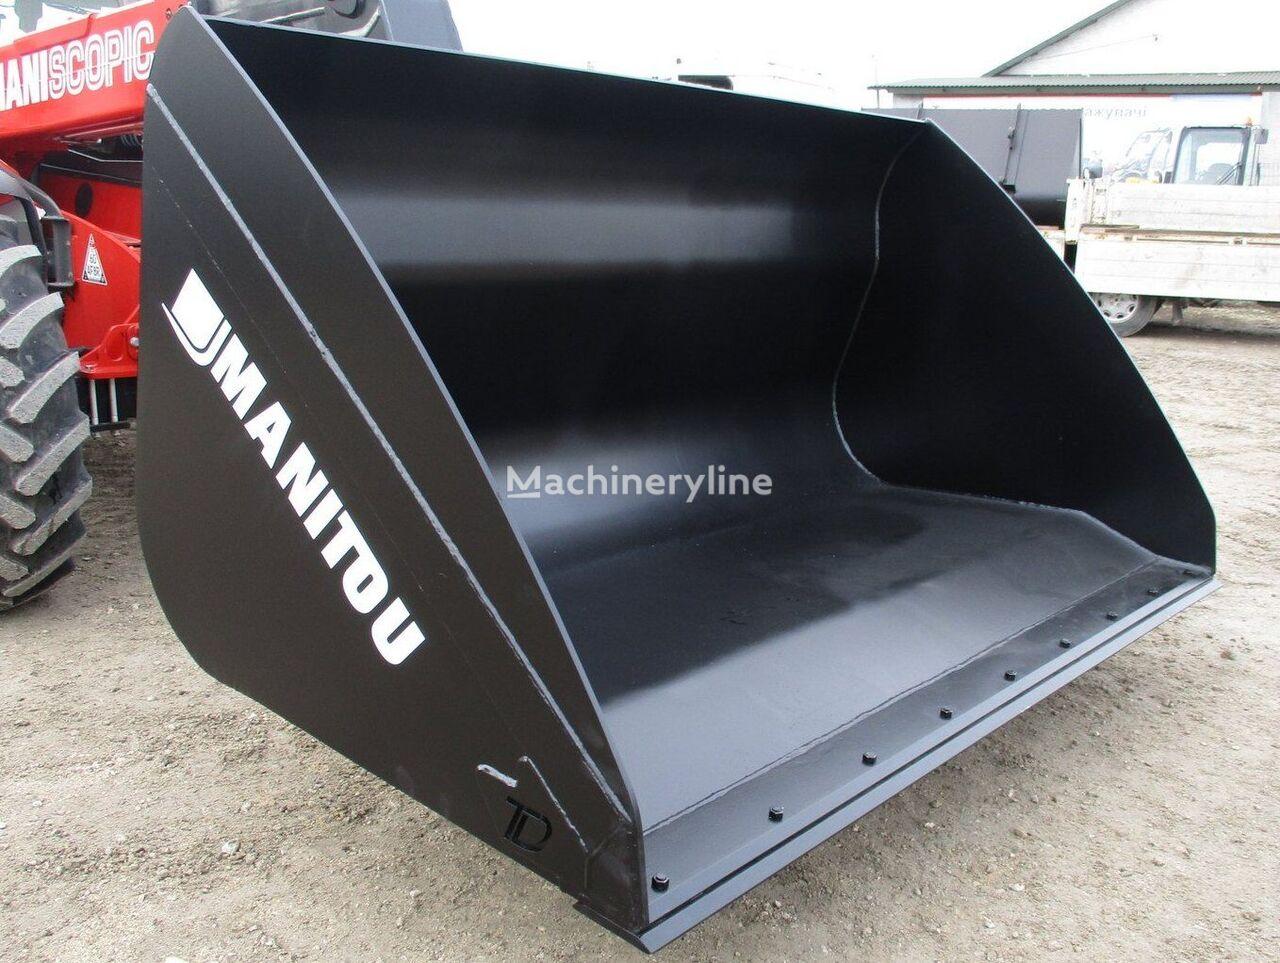 new MANITOU kovsh universalnyy 2,5m³ DERZhKOMPENSACIYa do 40% front loader bucket